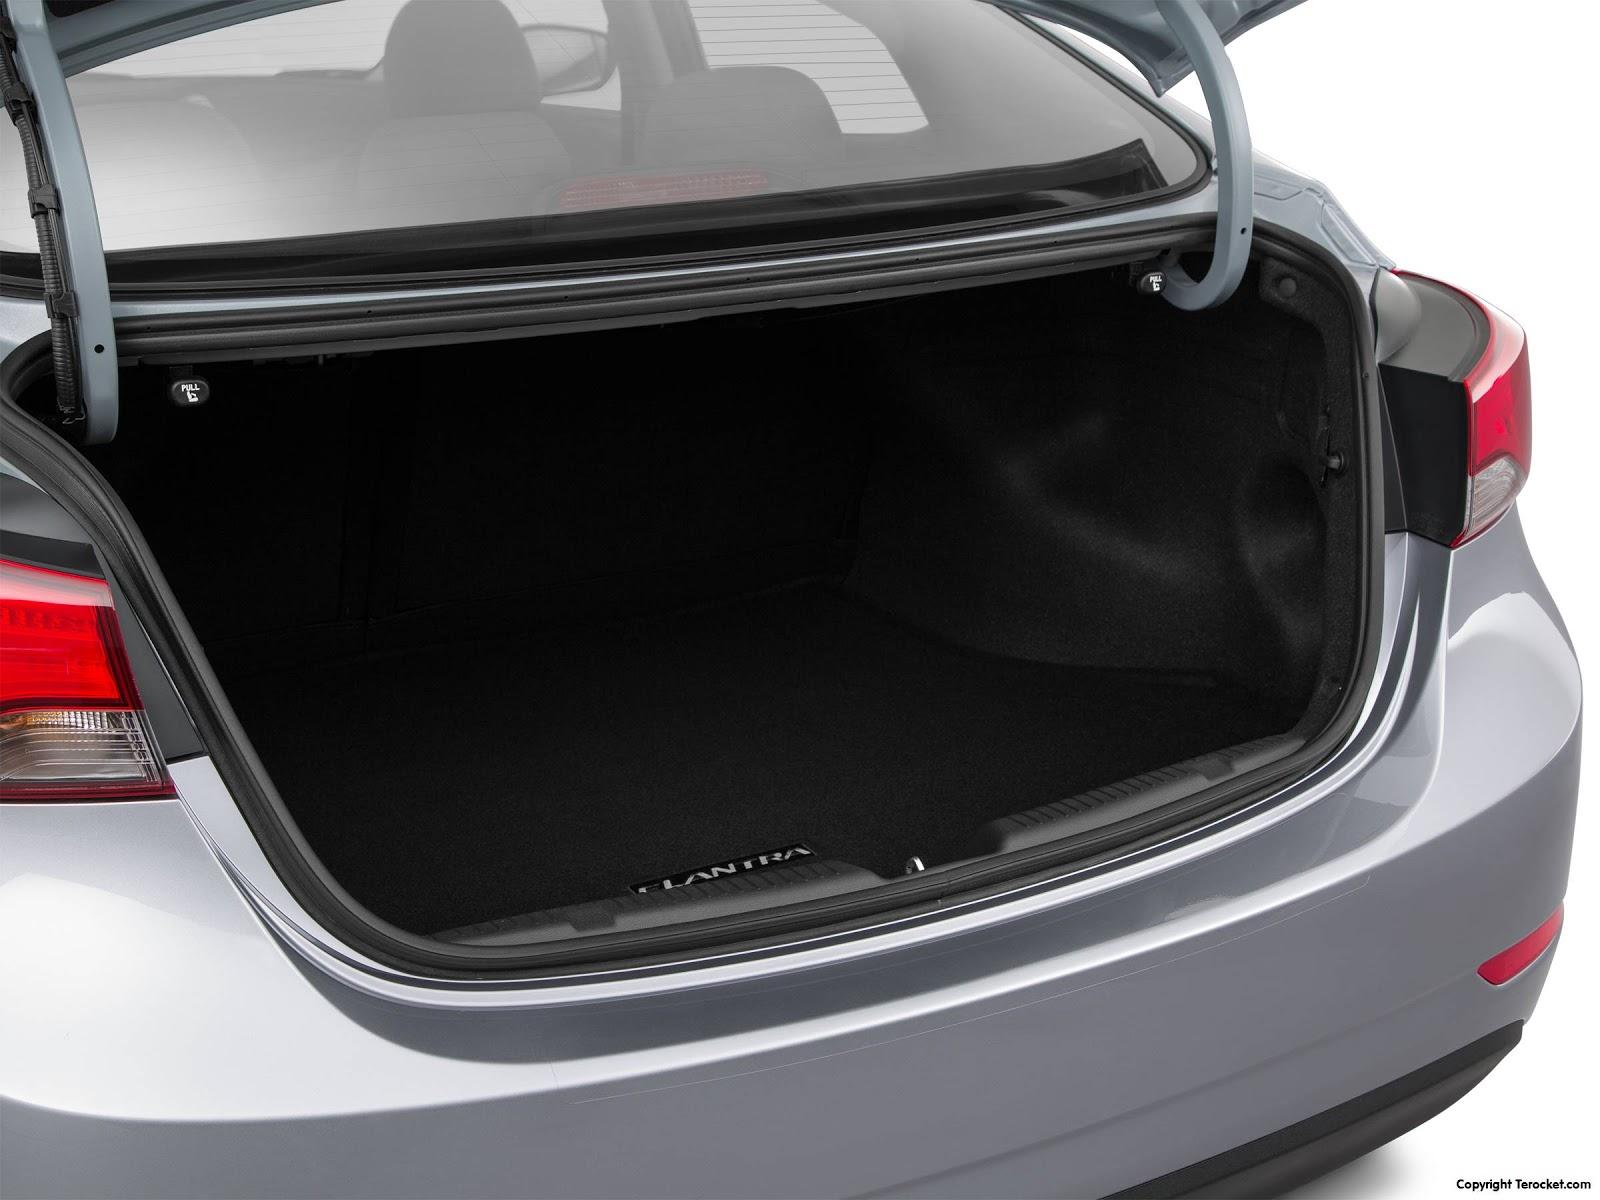 Cốp xe có thể chở được nhiều hành lý, nếu cần có thể hạ hàng ghế thứ hai